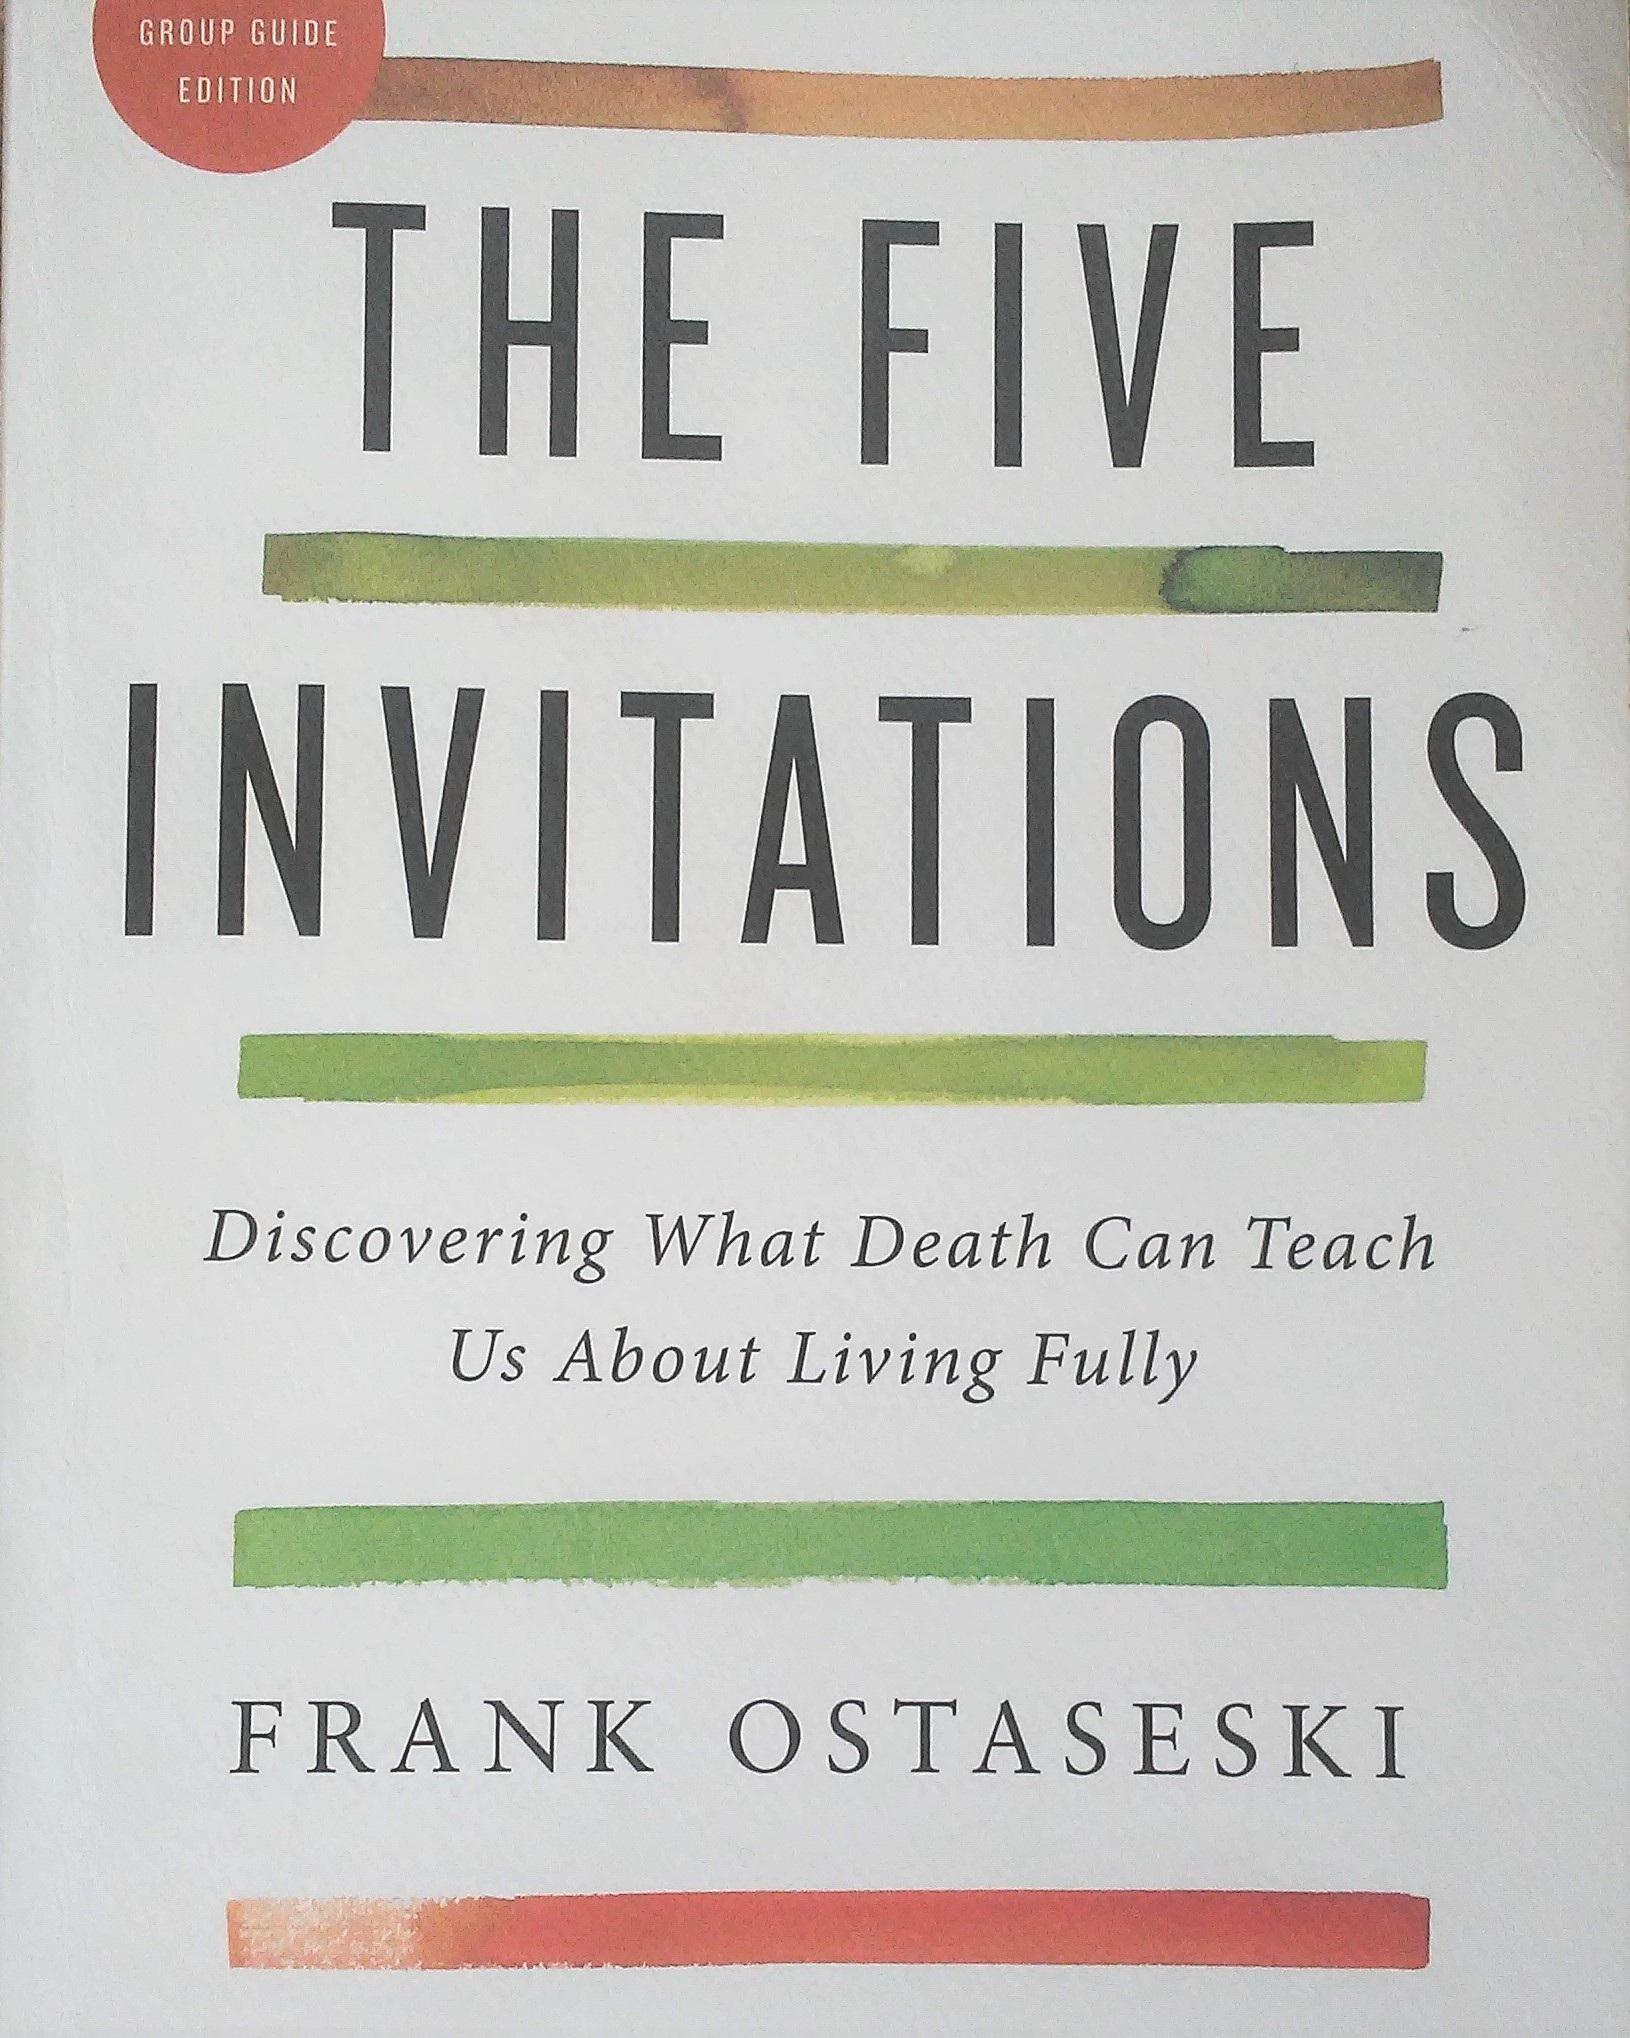 five+invitations+book+cover.jpg